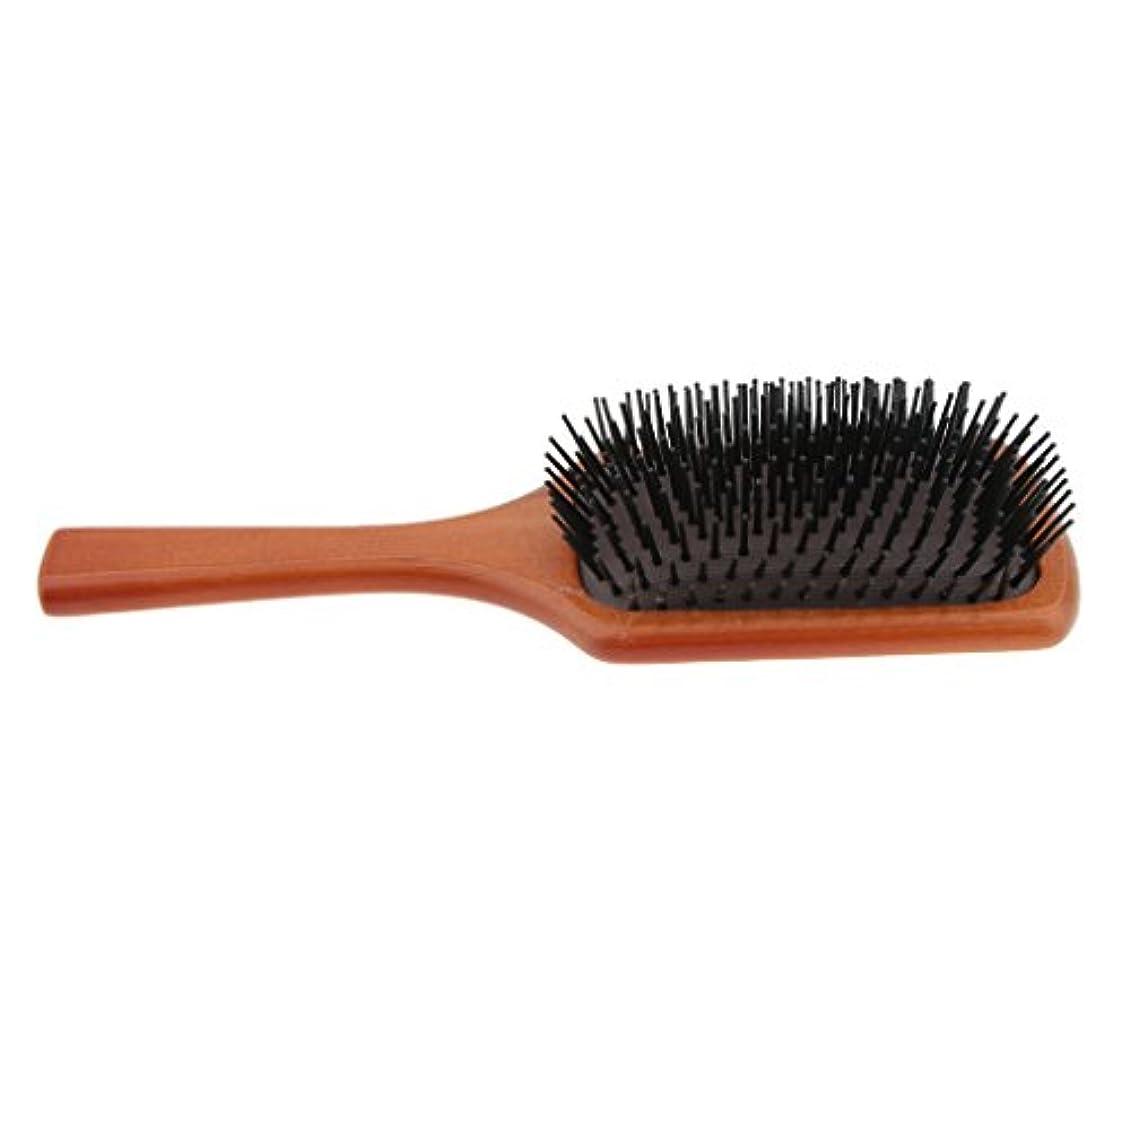 ジム財団しなやかなヘアブラシ 木製櫛 ヘアコーム ヘアダイコーム 頭皮 マッサージ ツール 帯電防止